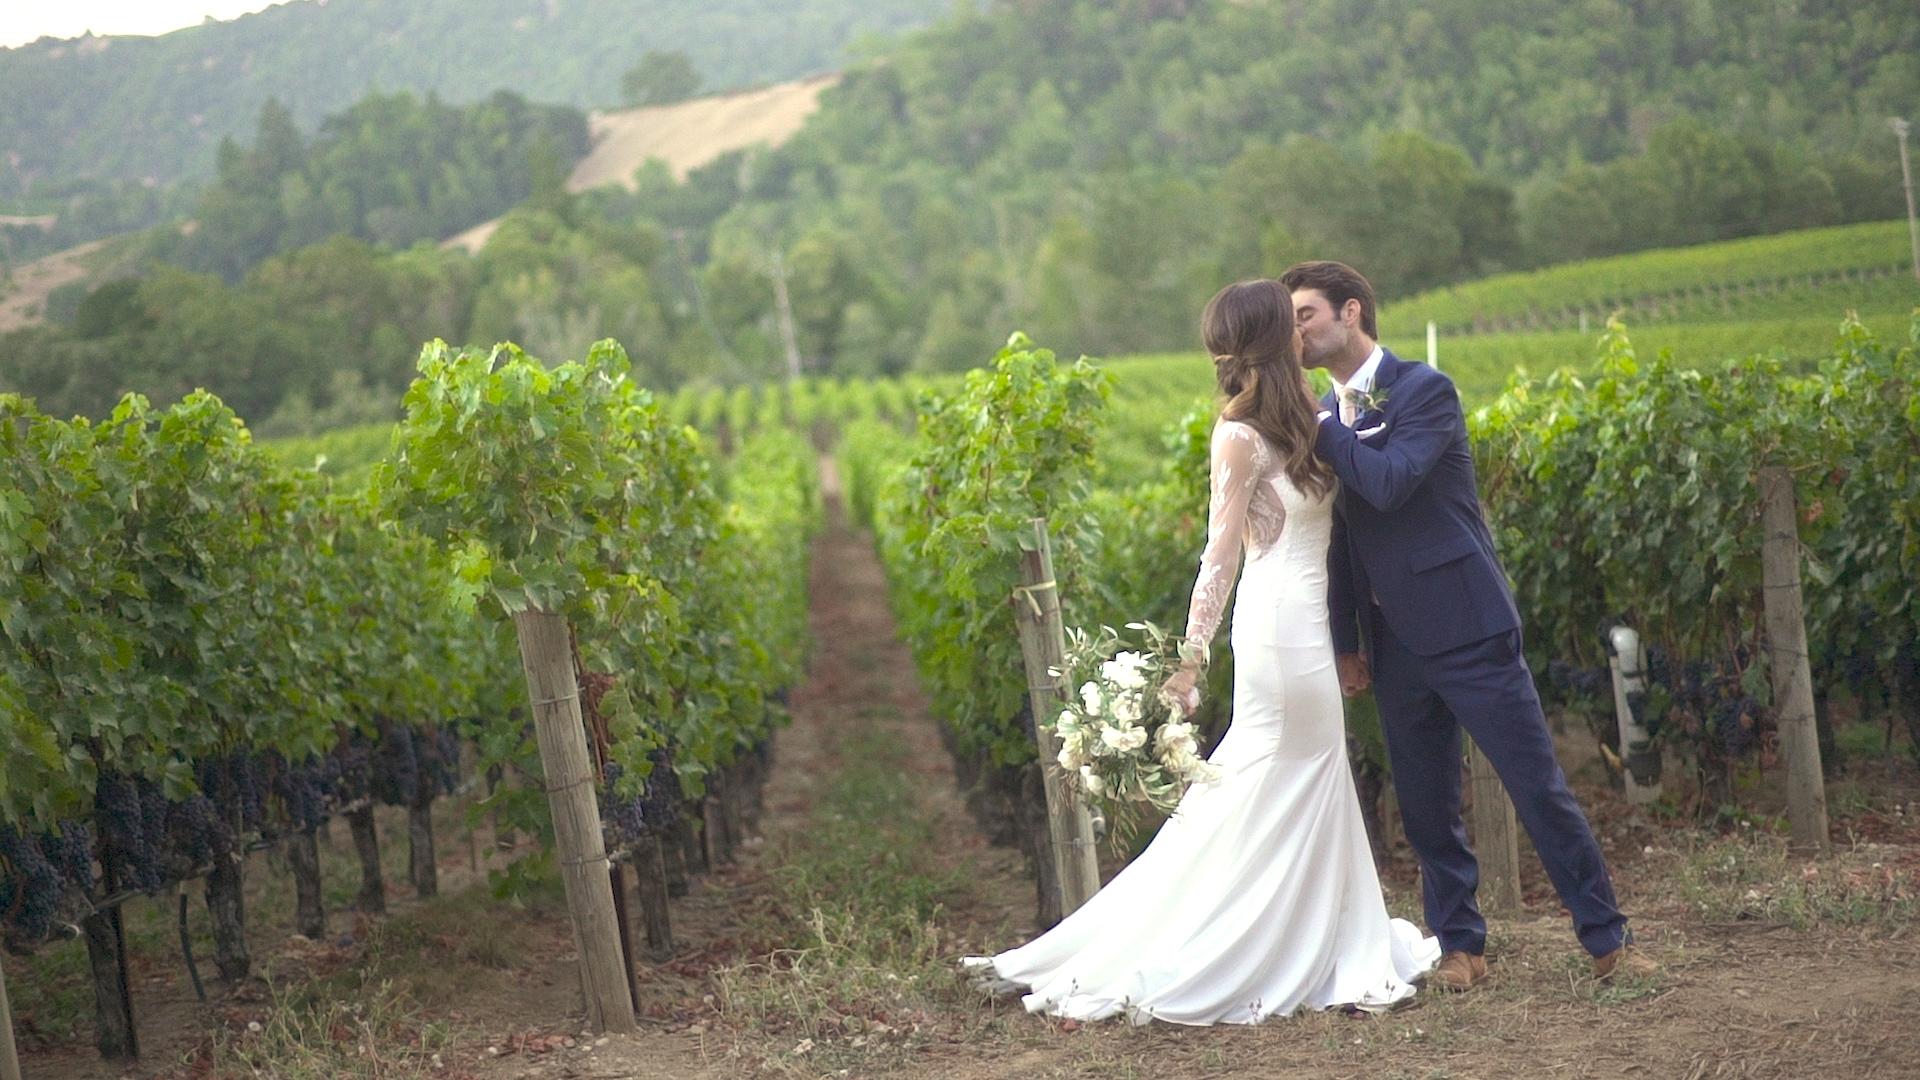 DARLING_WEDDING_v4.0 .00_02_19_02.Still028.jpg